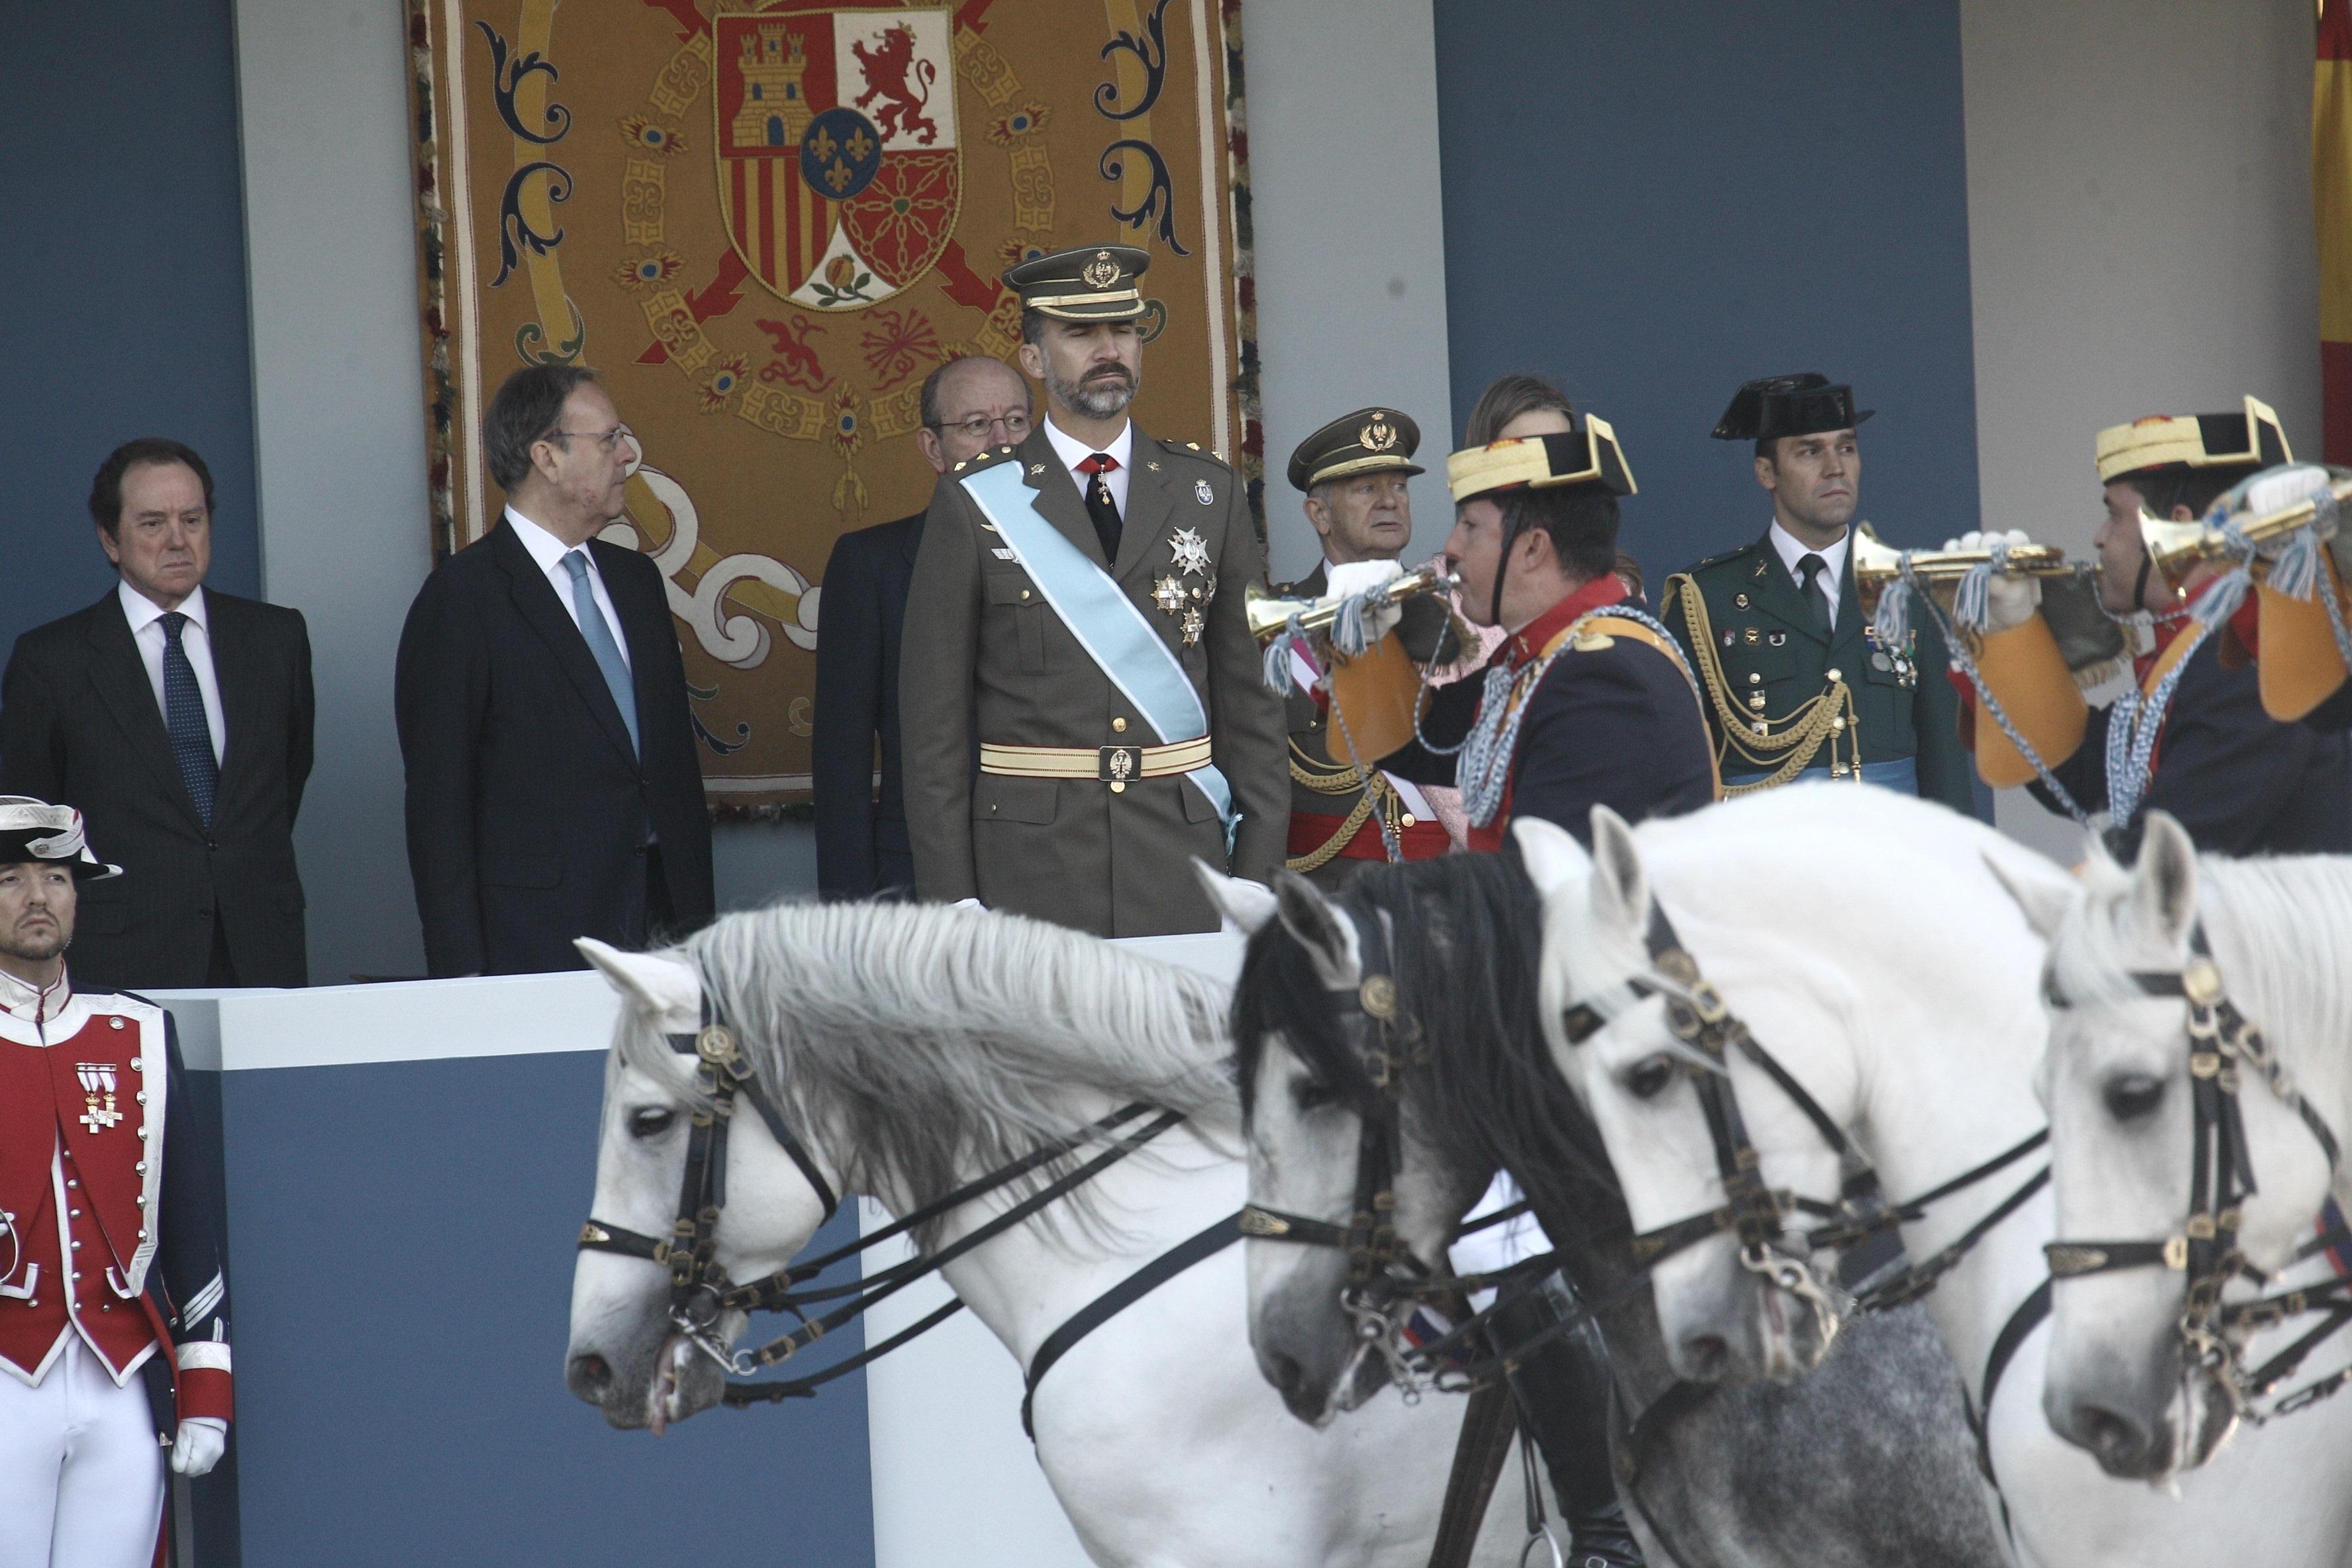 El Príncipe visitará hoy la Brigada Paracaidista en el día de su 46 cumpleaños